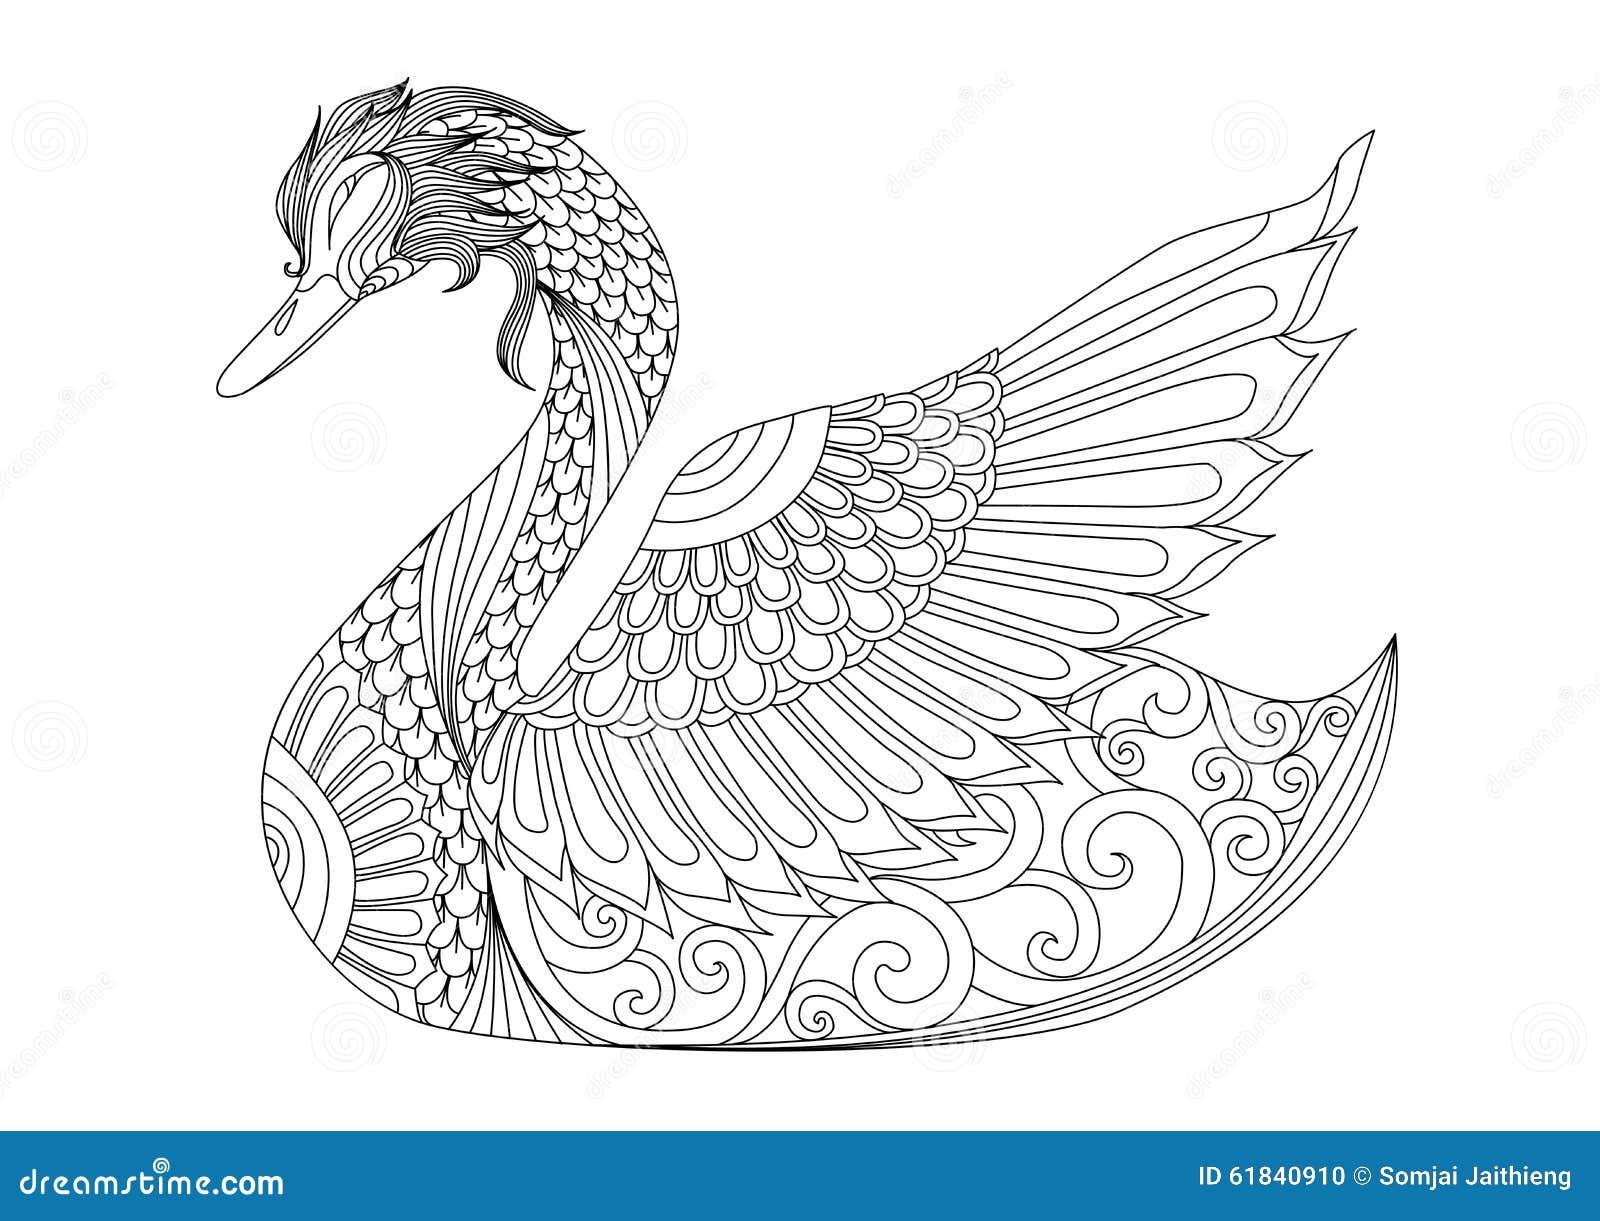 Cisne do zentangle do desenho para a página colorindo, o efeito do projeto da camisa, o logotipo, a tatuagem e a decoração